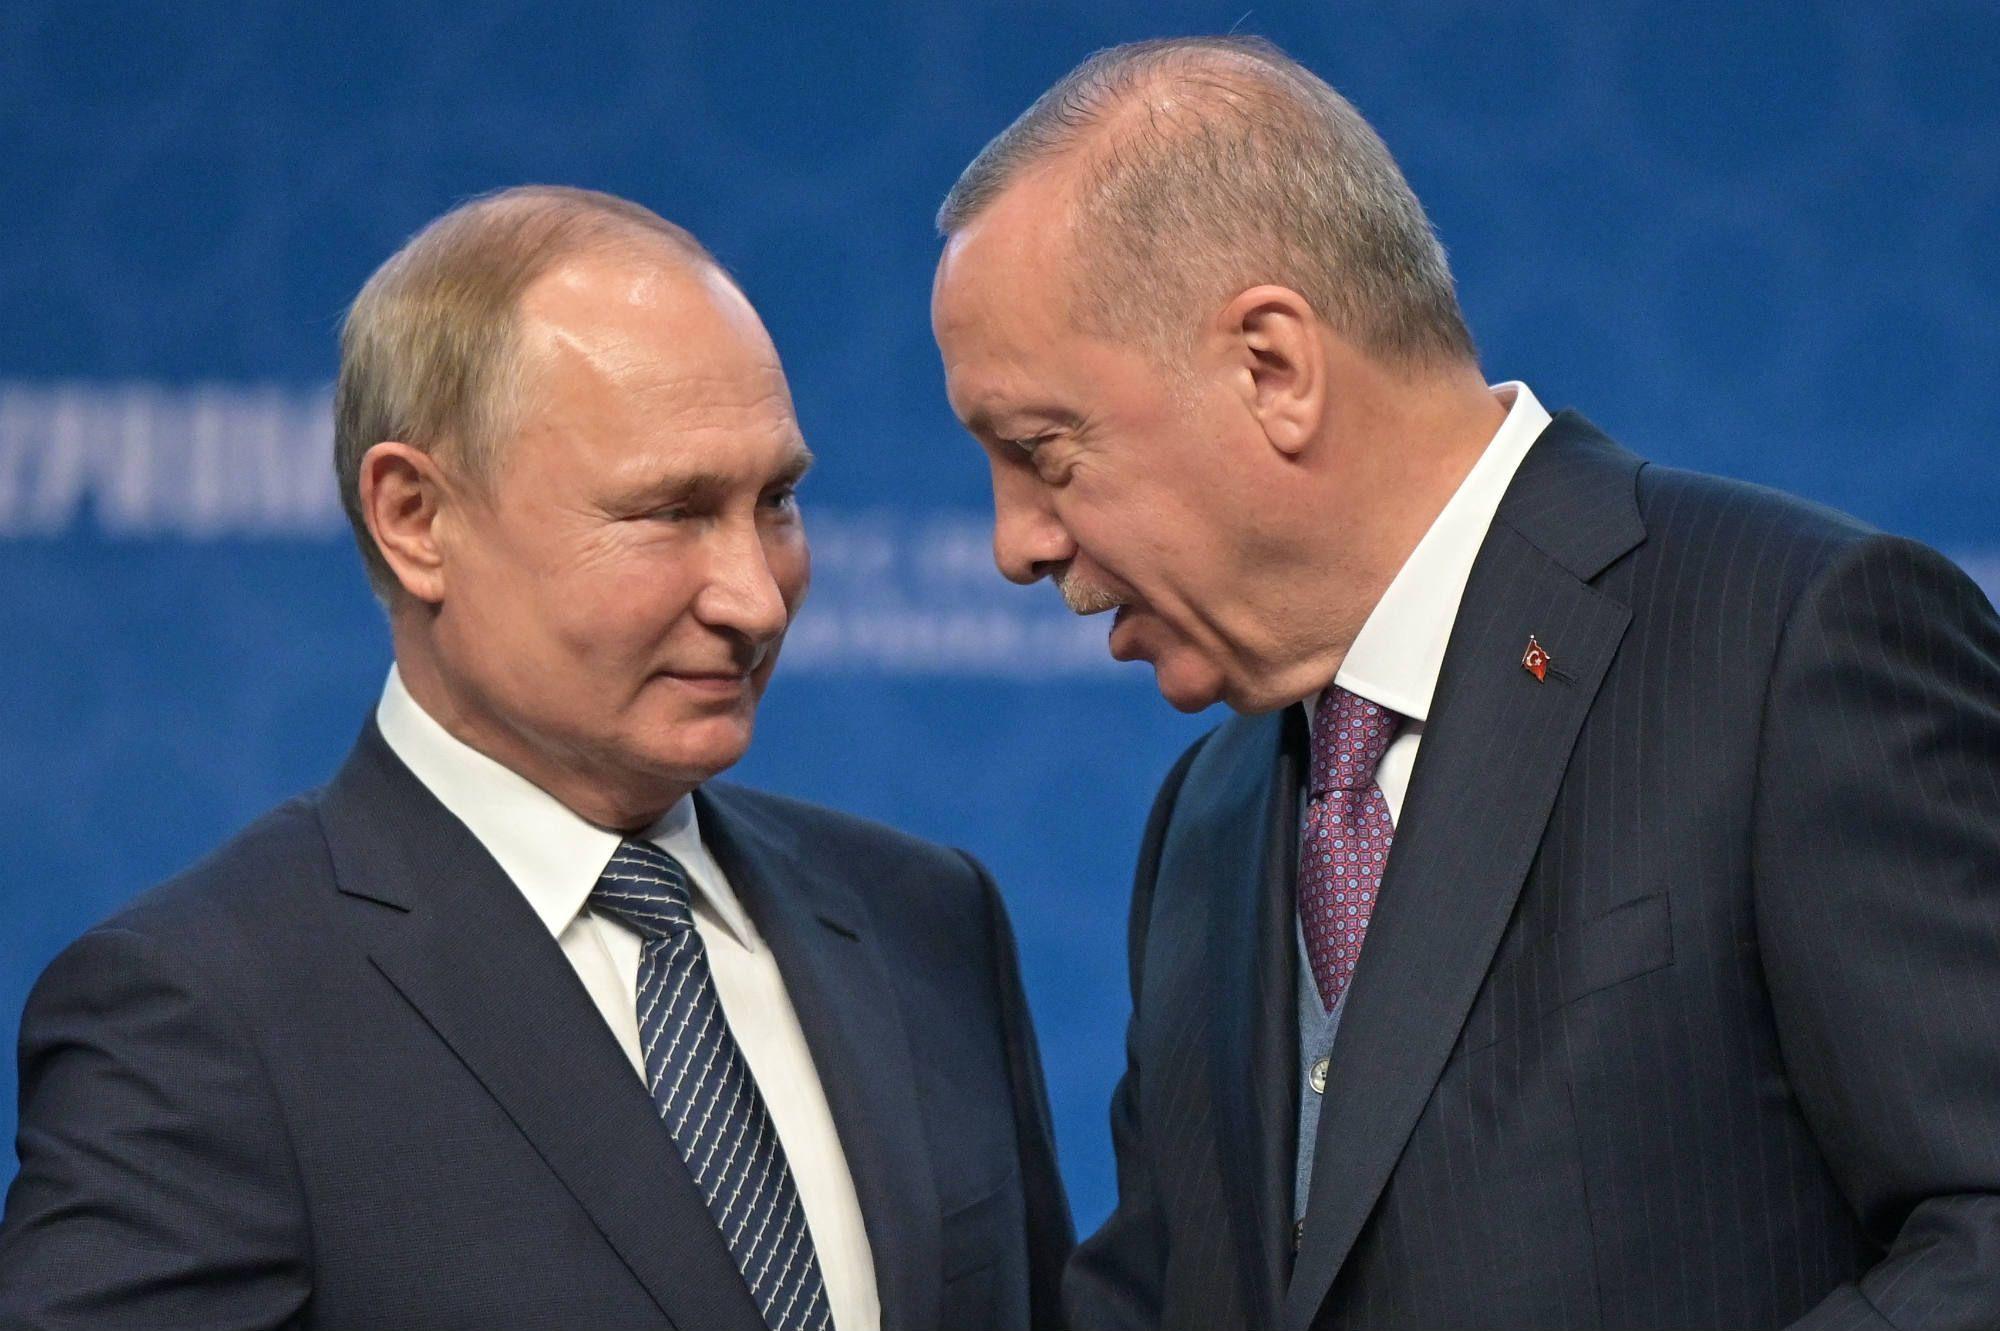 Le président russe Vladimir Poutine et le président turc Recep Erdogan affichent une grande complicité lors de la cérémonie pour l'inauguration du Turkish Stream à Istanbul le 8 janvier 2020.